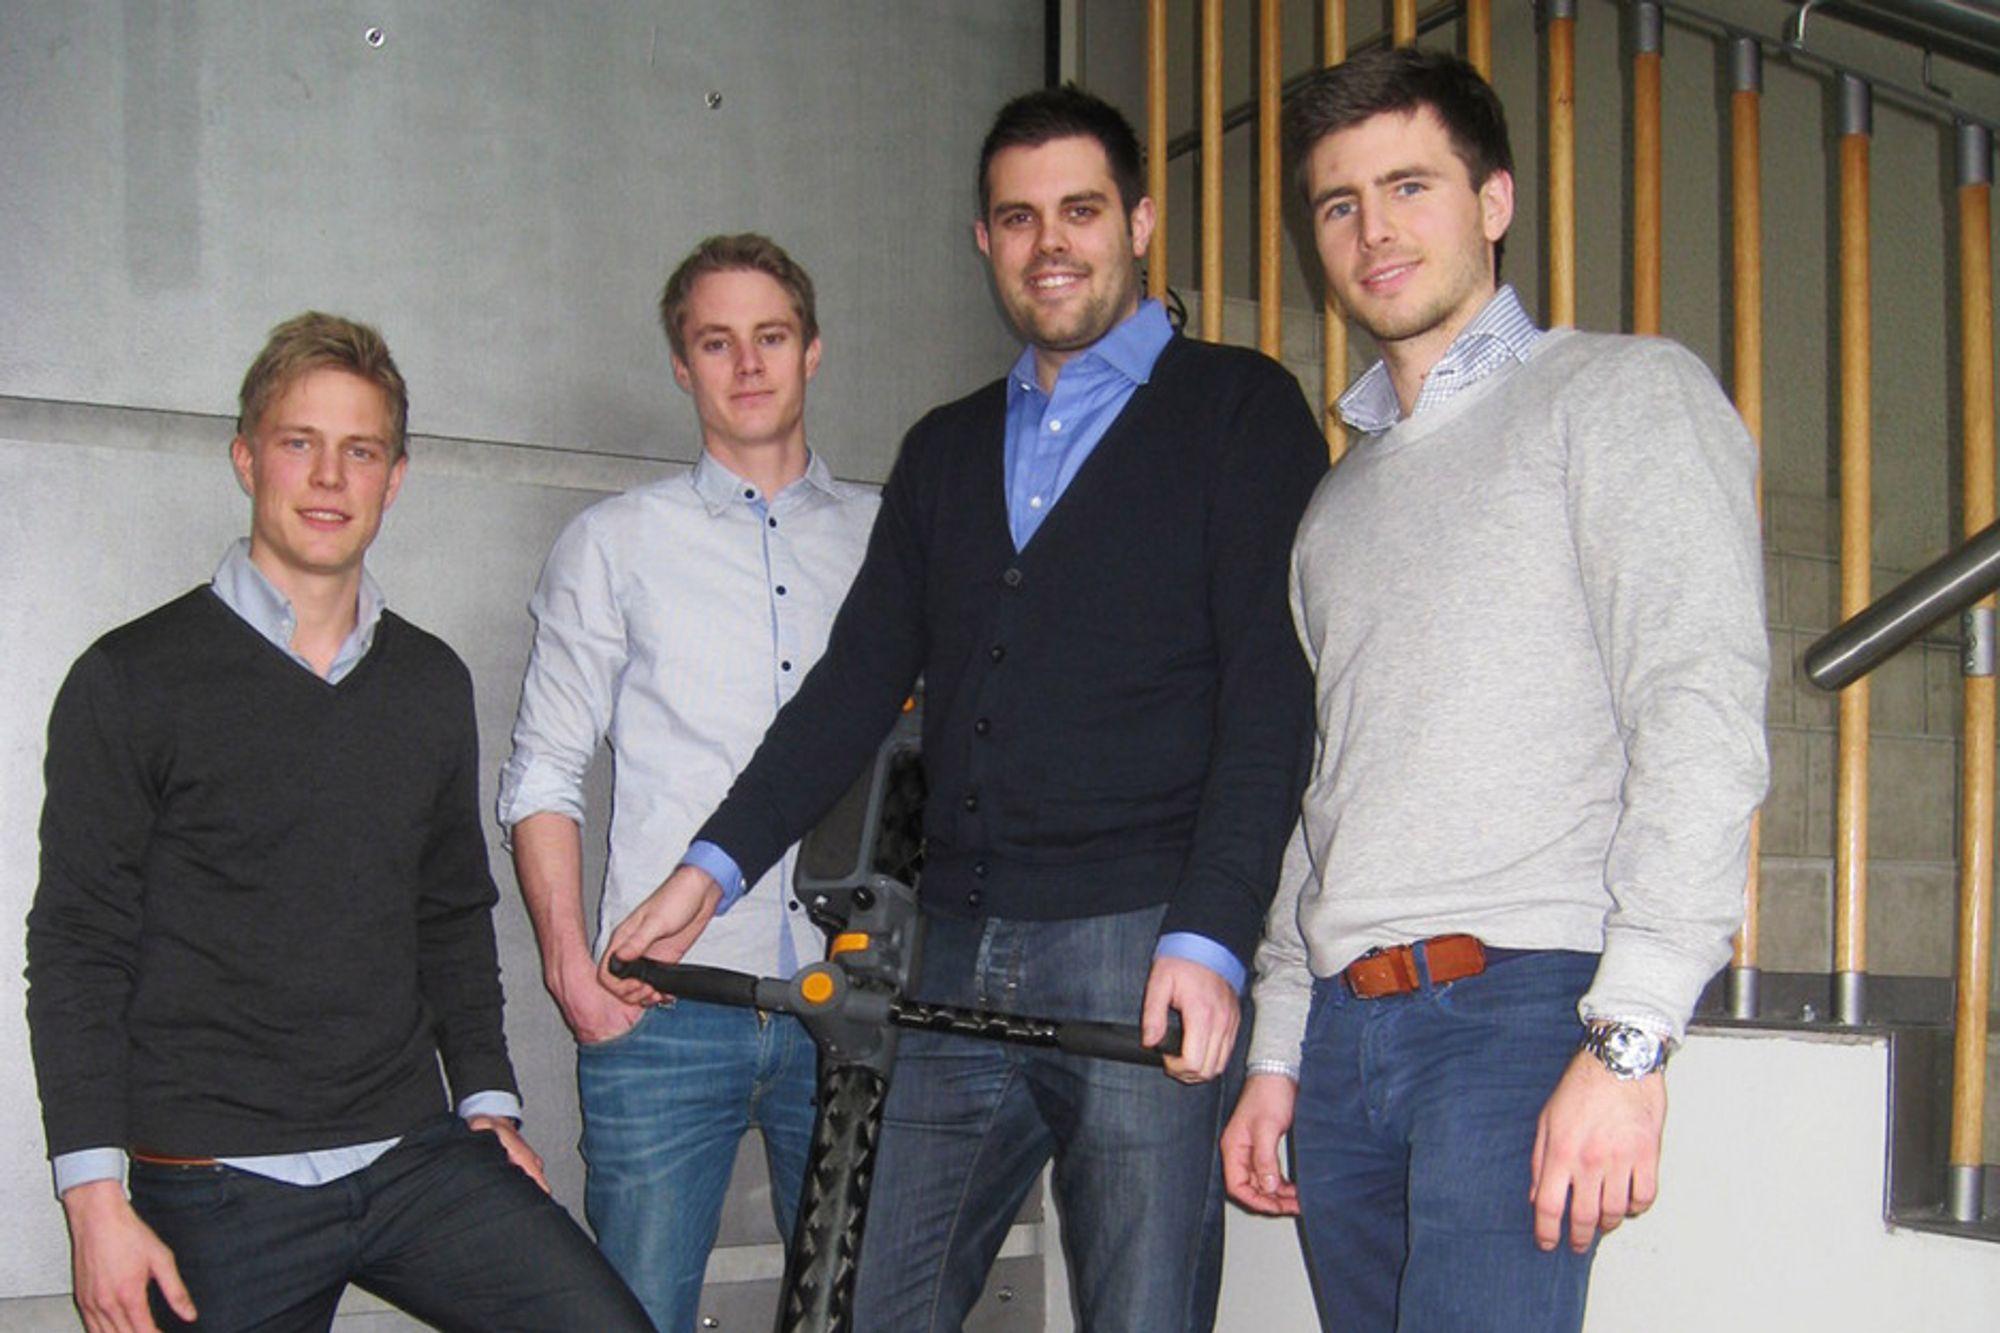 KAMPKLARE: Marius Monsen Ragnøy (fra venstre), Lars Dybvik, Morten Stensli og Ragnar Andreas Severinsen skal kjempe om penger og heder i USA.